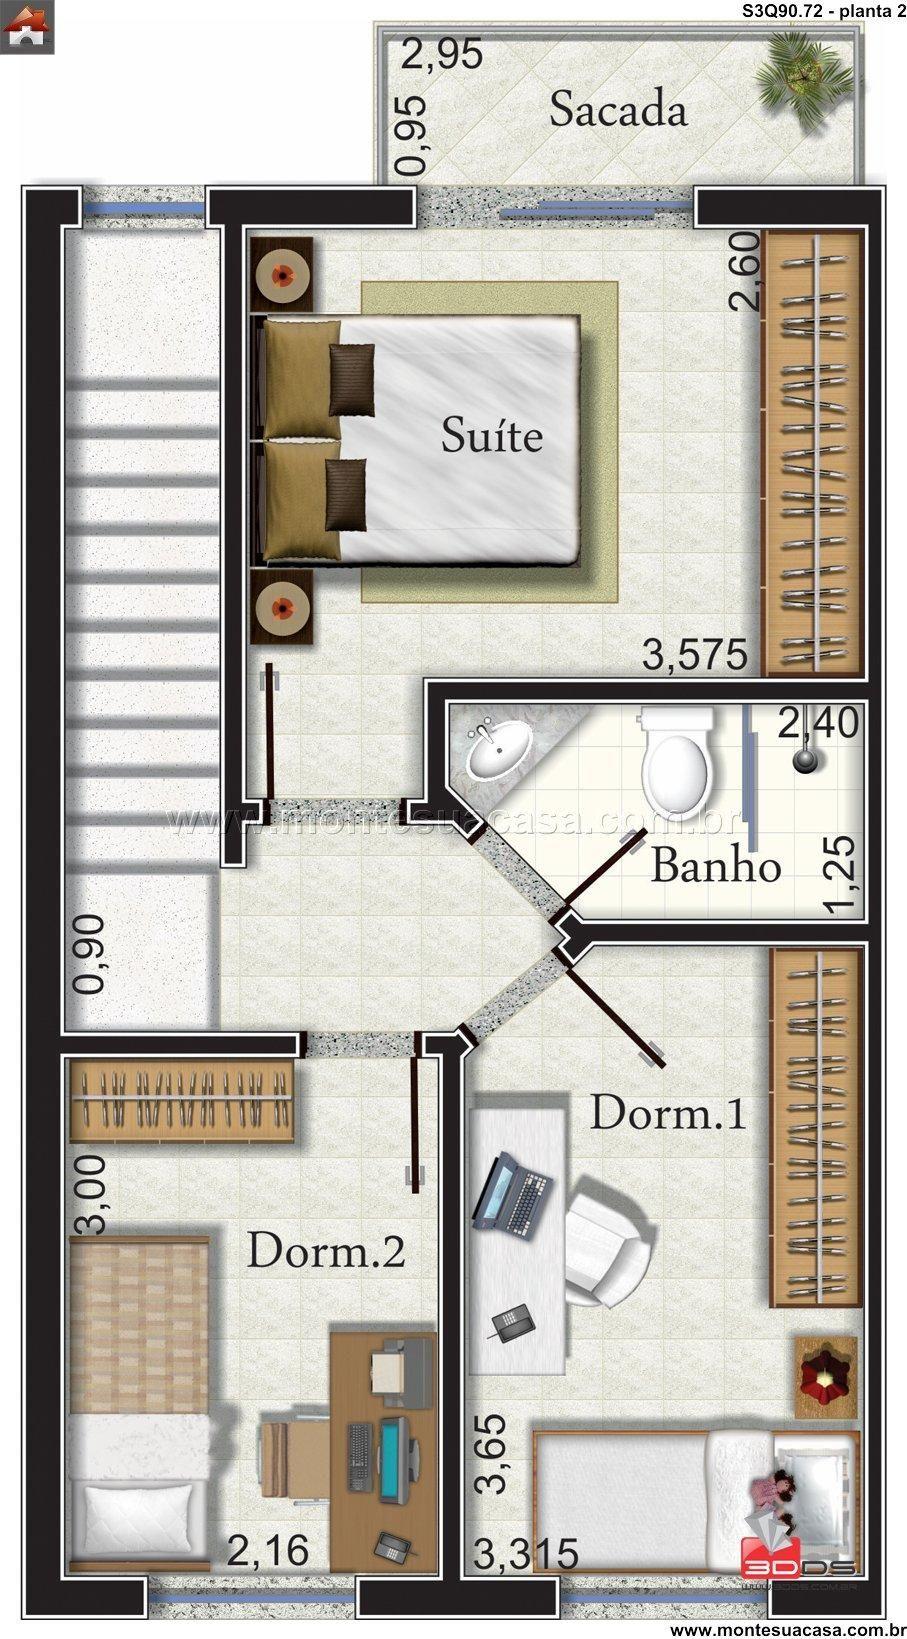 Sobrado 3 quartos construindo pinterest for Fotos de casas pequenas de dos plantas